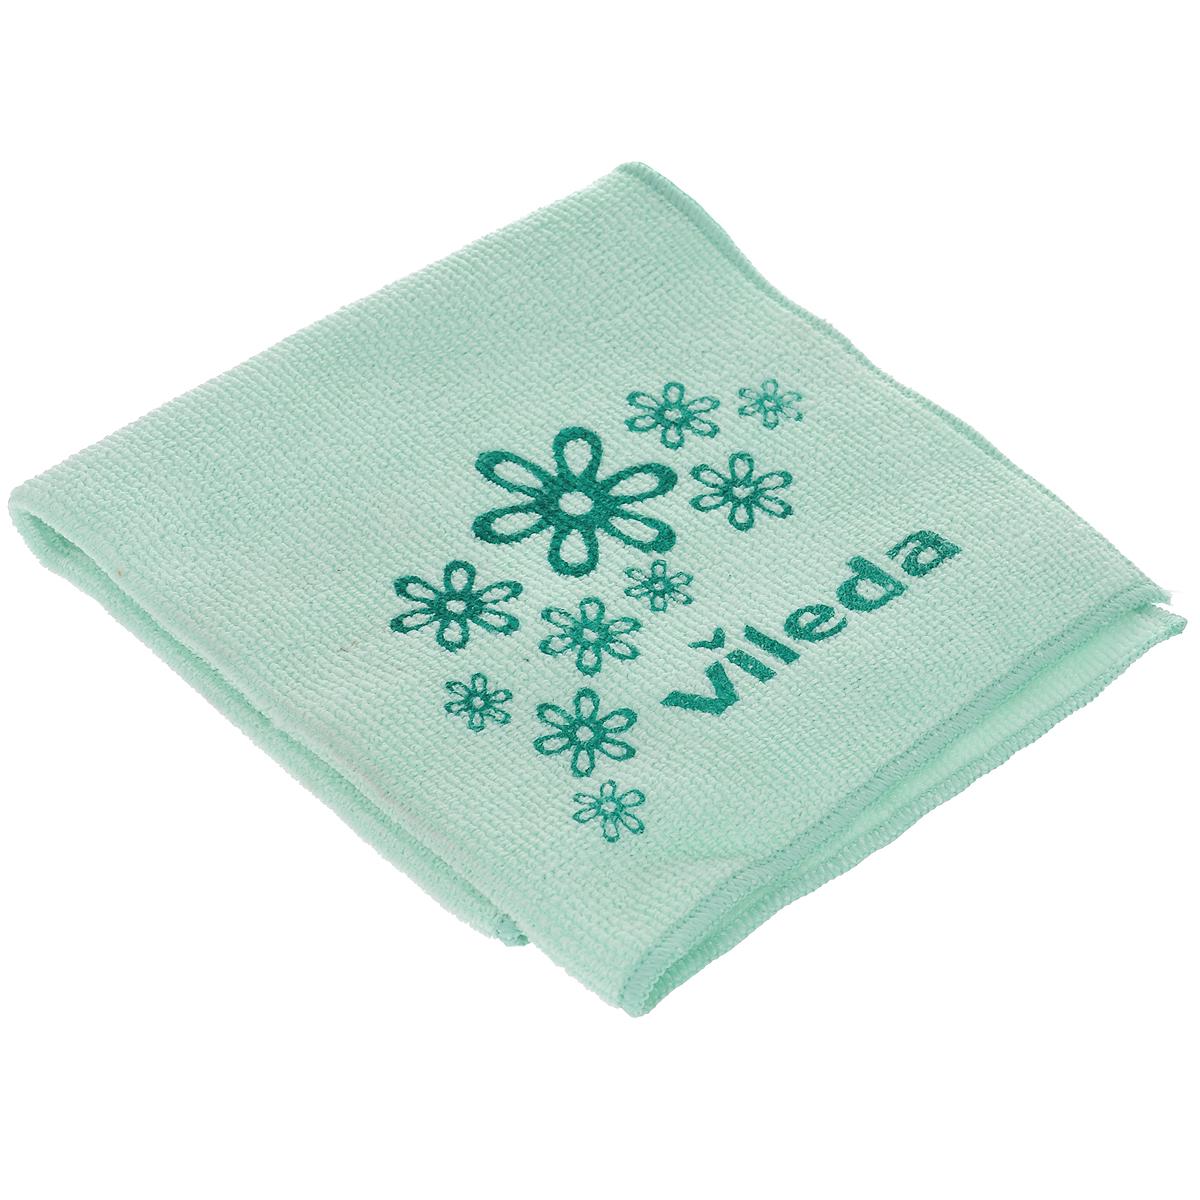 Салфетка универсальная Vileda Микрофибра, цвет: зеленый, 32 х 32 см32110735/138540Универсальная салфетка Vileda Микрофибра предназначена для сухой и влажной уборки. В сухом виде - для удаления пыли, во влажном - для удаления загрязнений и полировки. Она устраняет жир, грязь без следа и разводов. Изделие используется без чистящих средств. Салфетка имеет абразивный рисунок для безопасного удаления застарелых загрязнений. Размер: 32 см х 32 см.